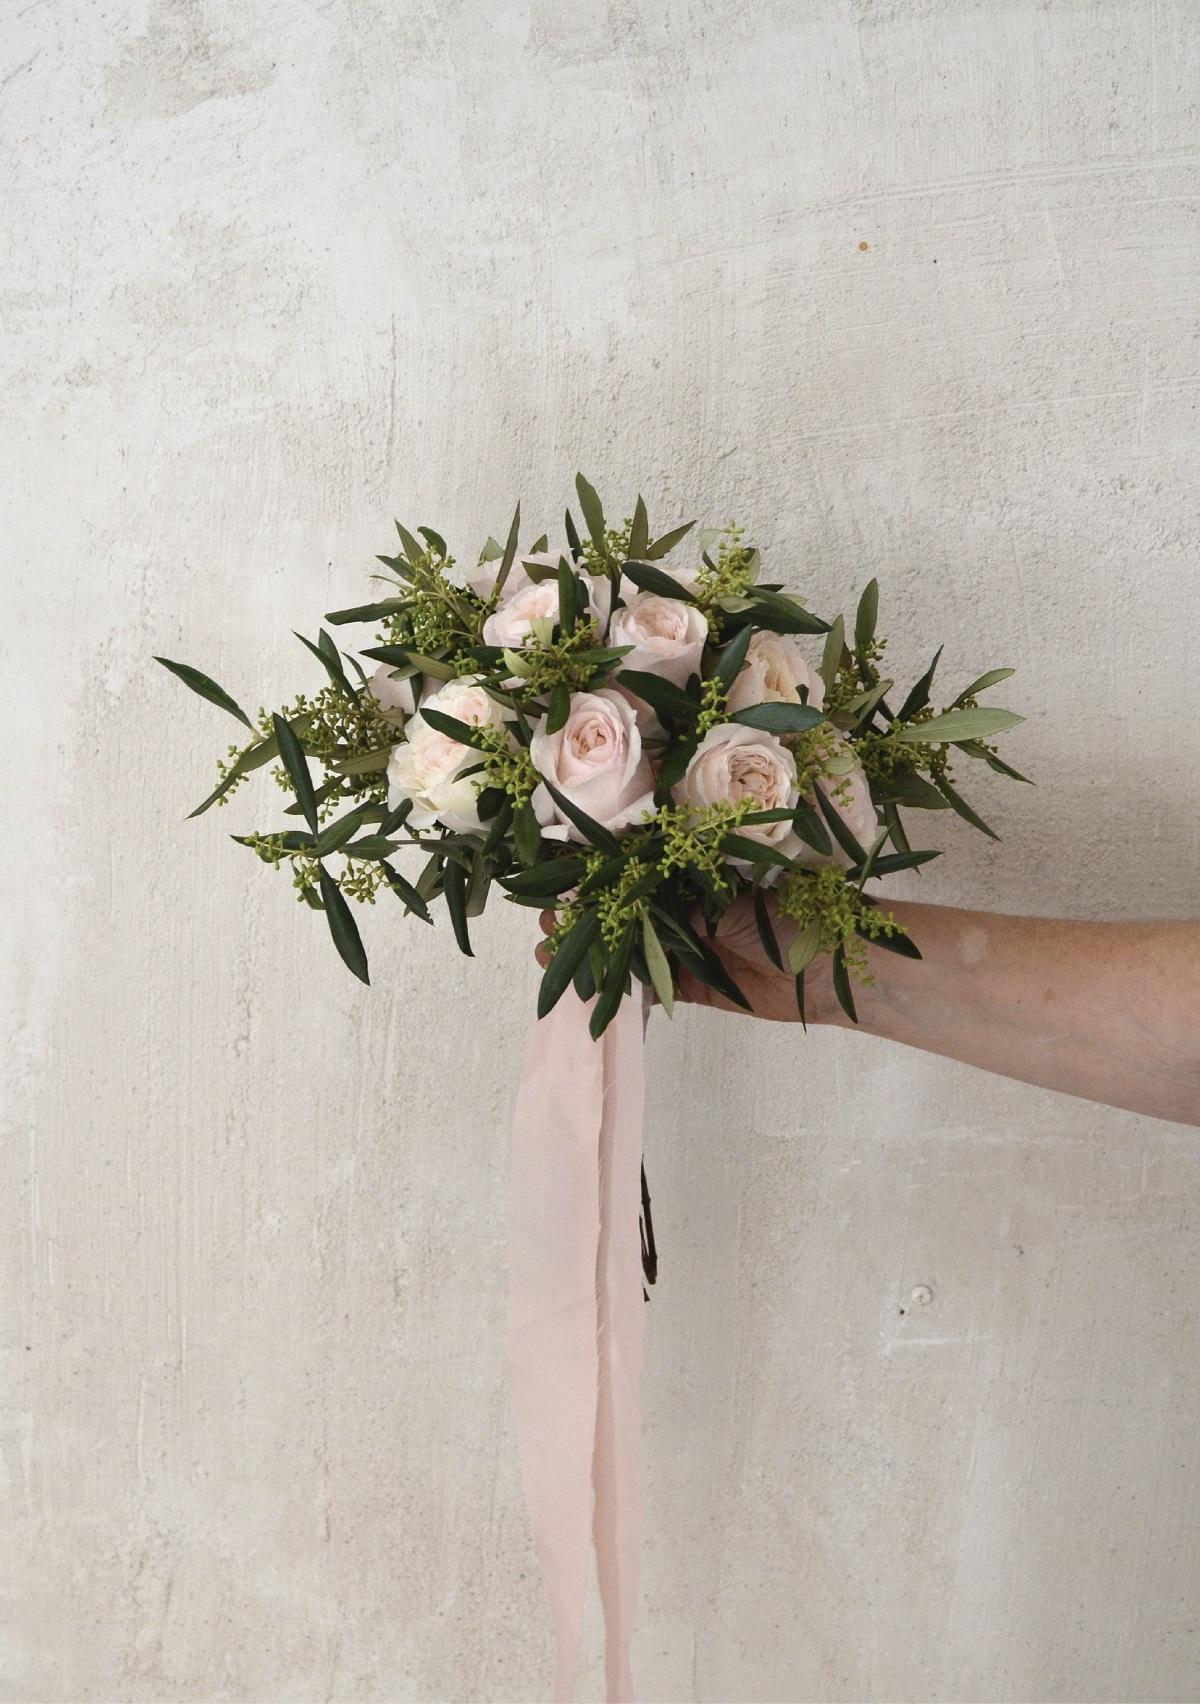 alblanc ramos de novia